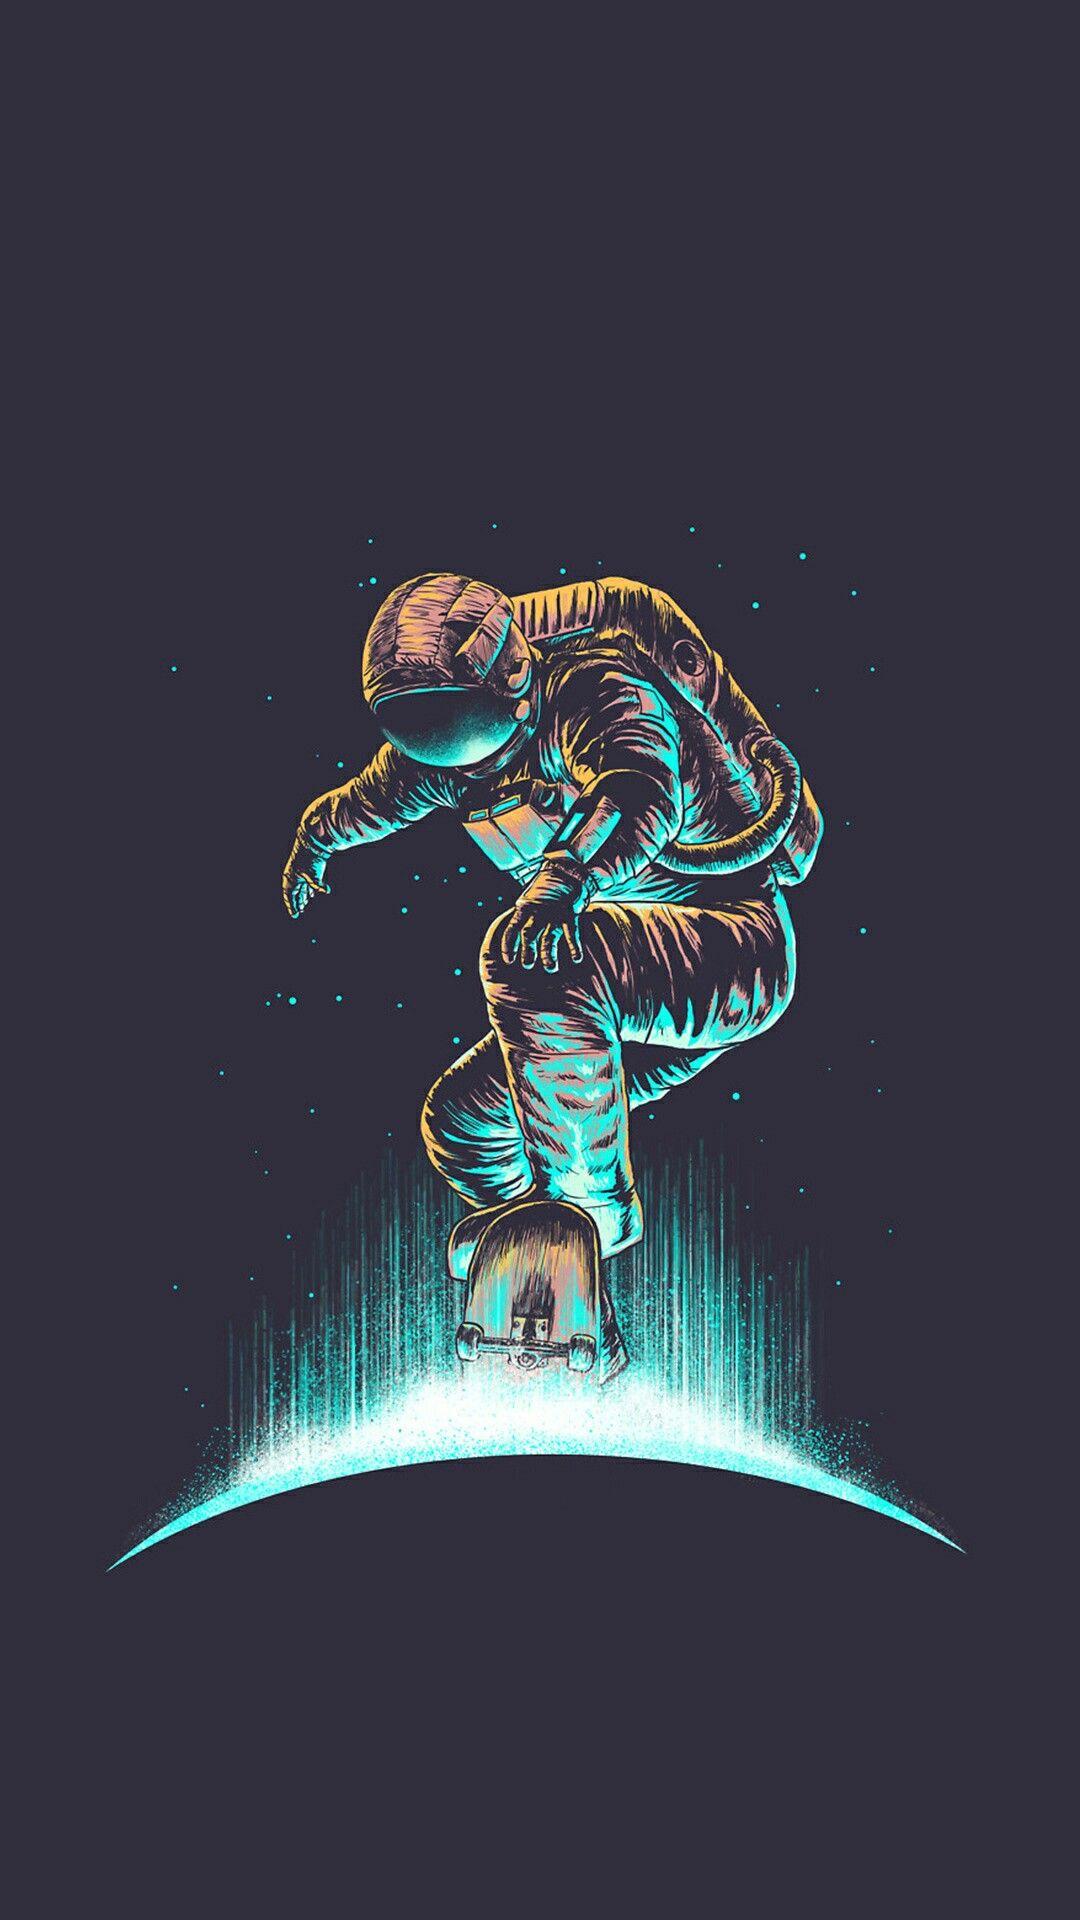 Skateboarding Astronaut Astronaut Art Astronaut Wallpaper